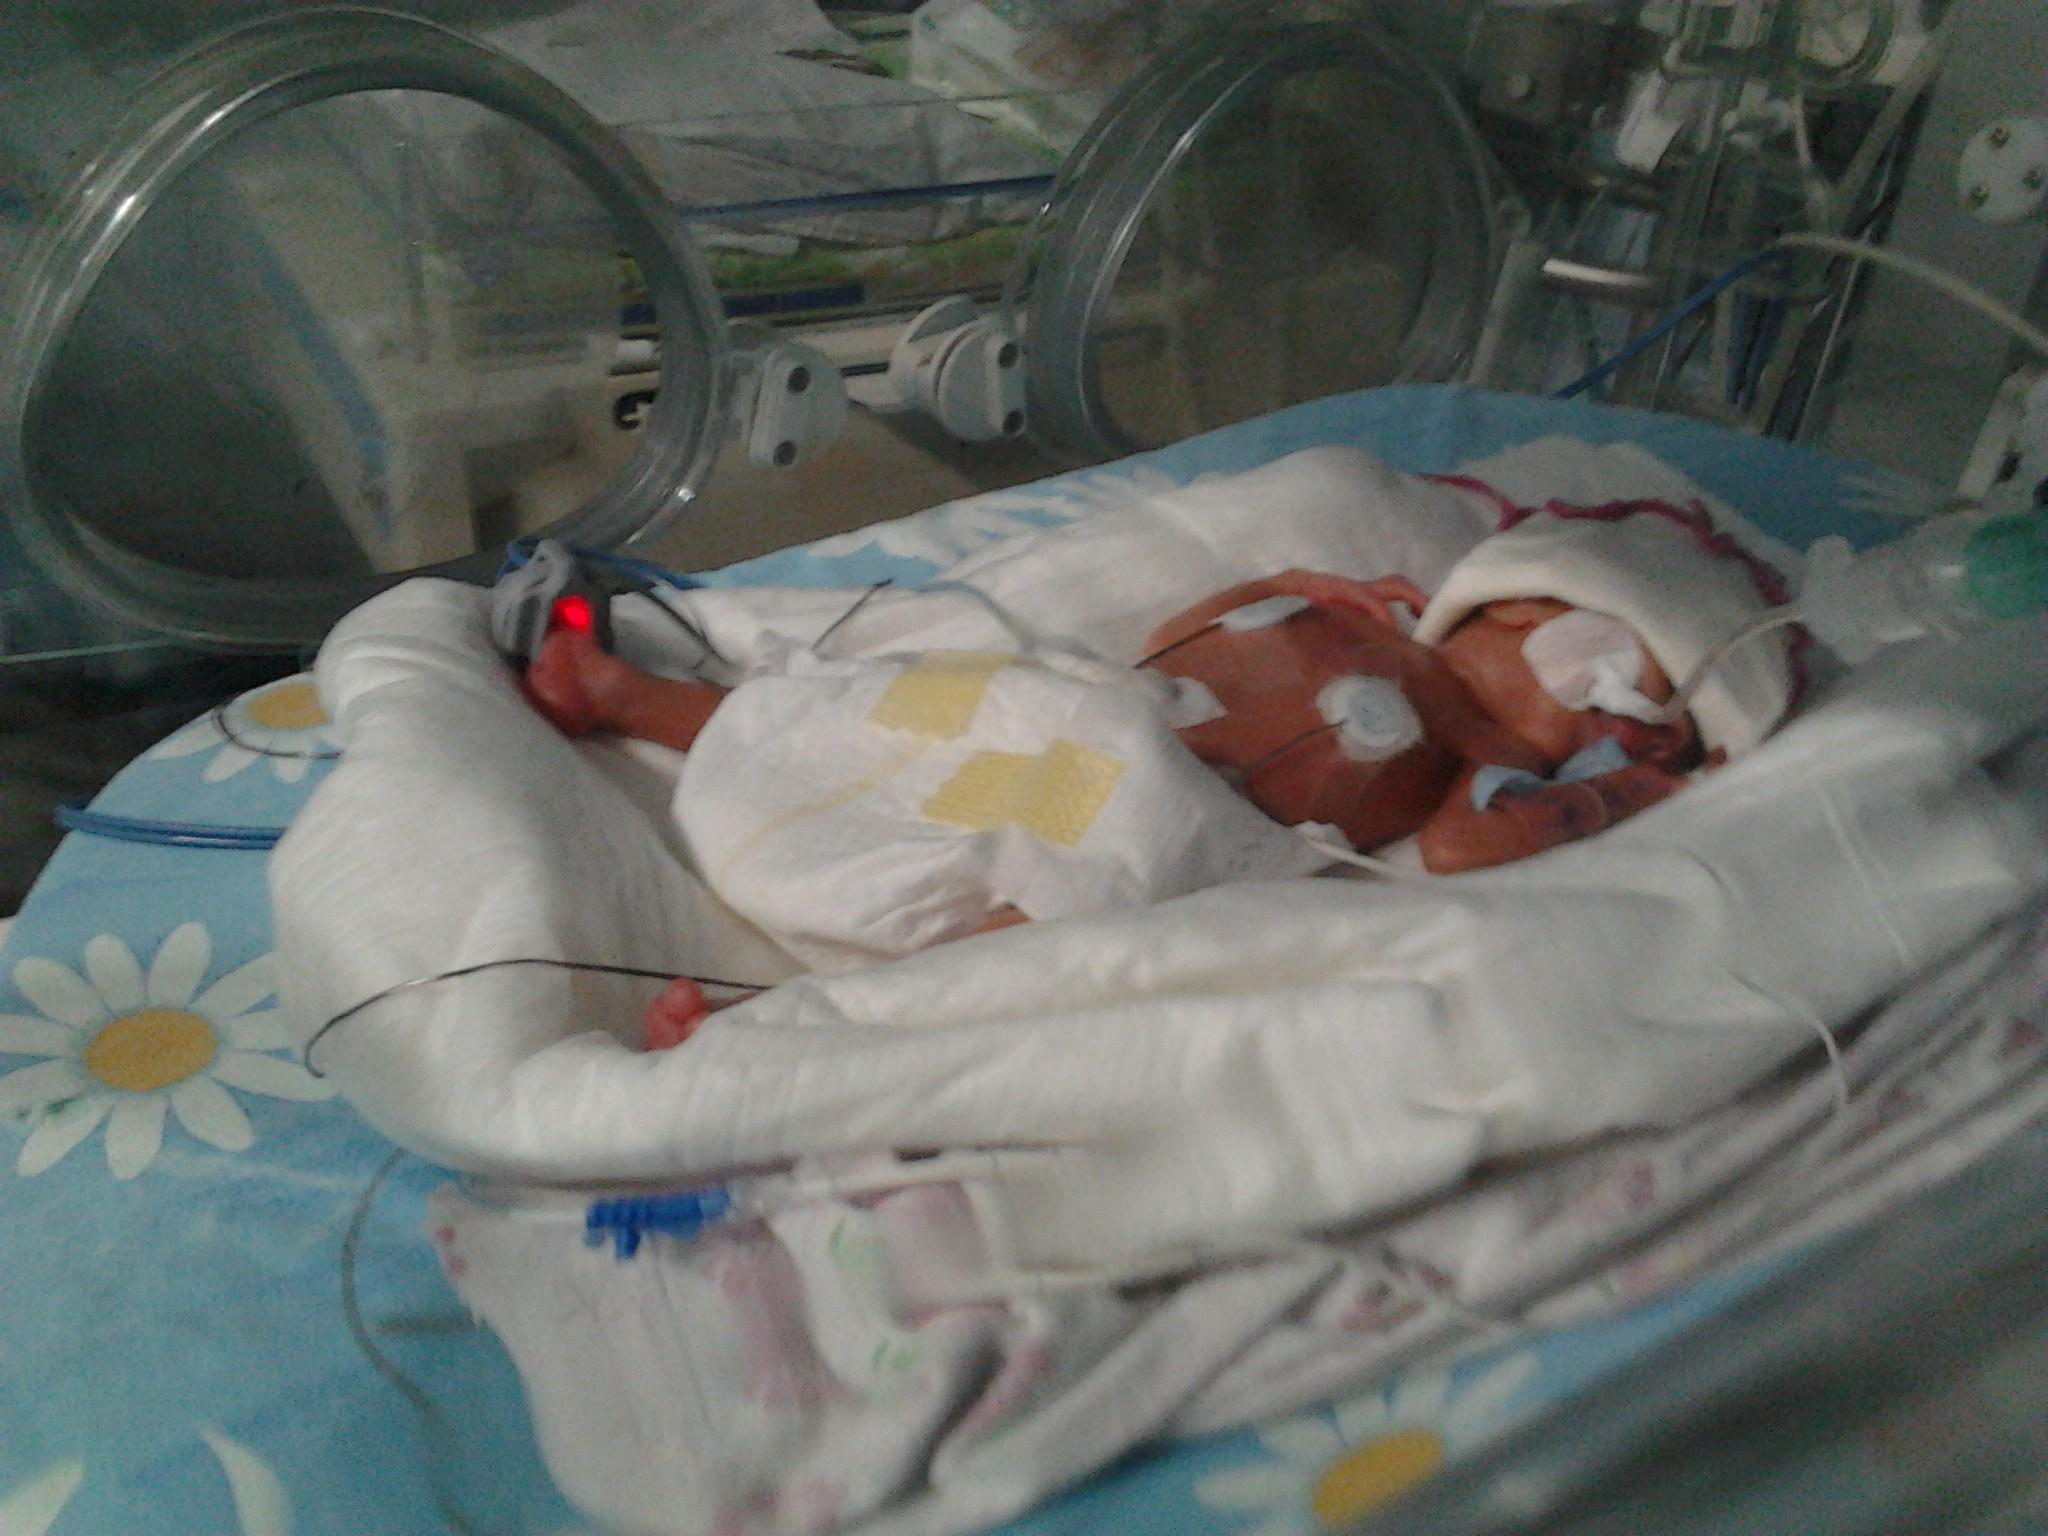 НаКубани медики выходили запять лет 800 недоношенных младенцев